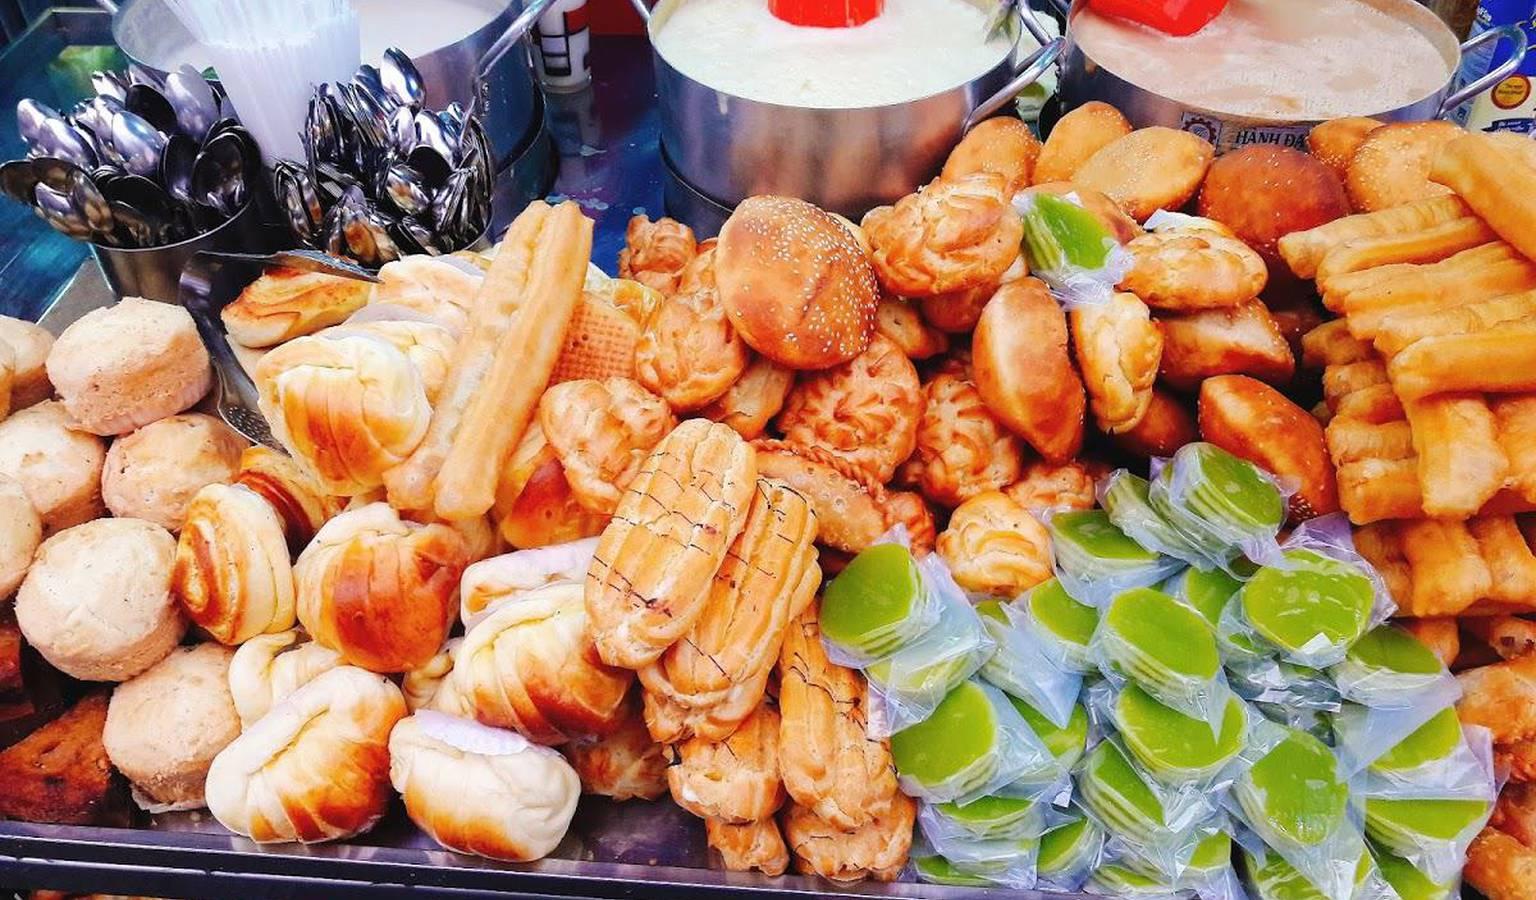 SĐN Hoa sữa - Sữa đậu nành Đà Lạt